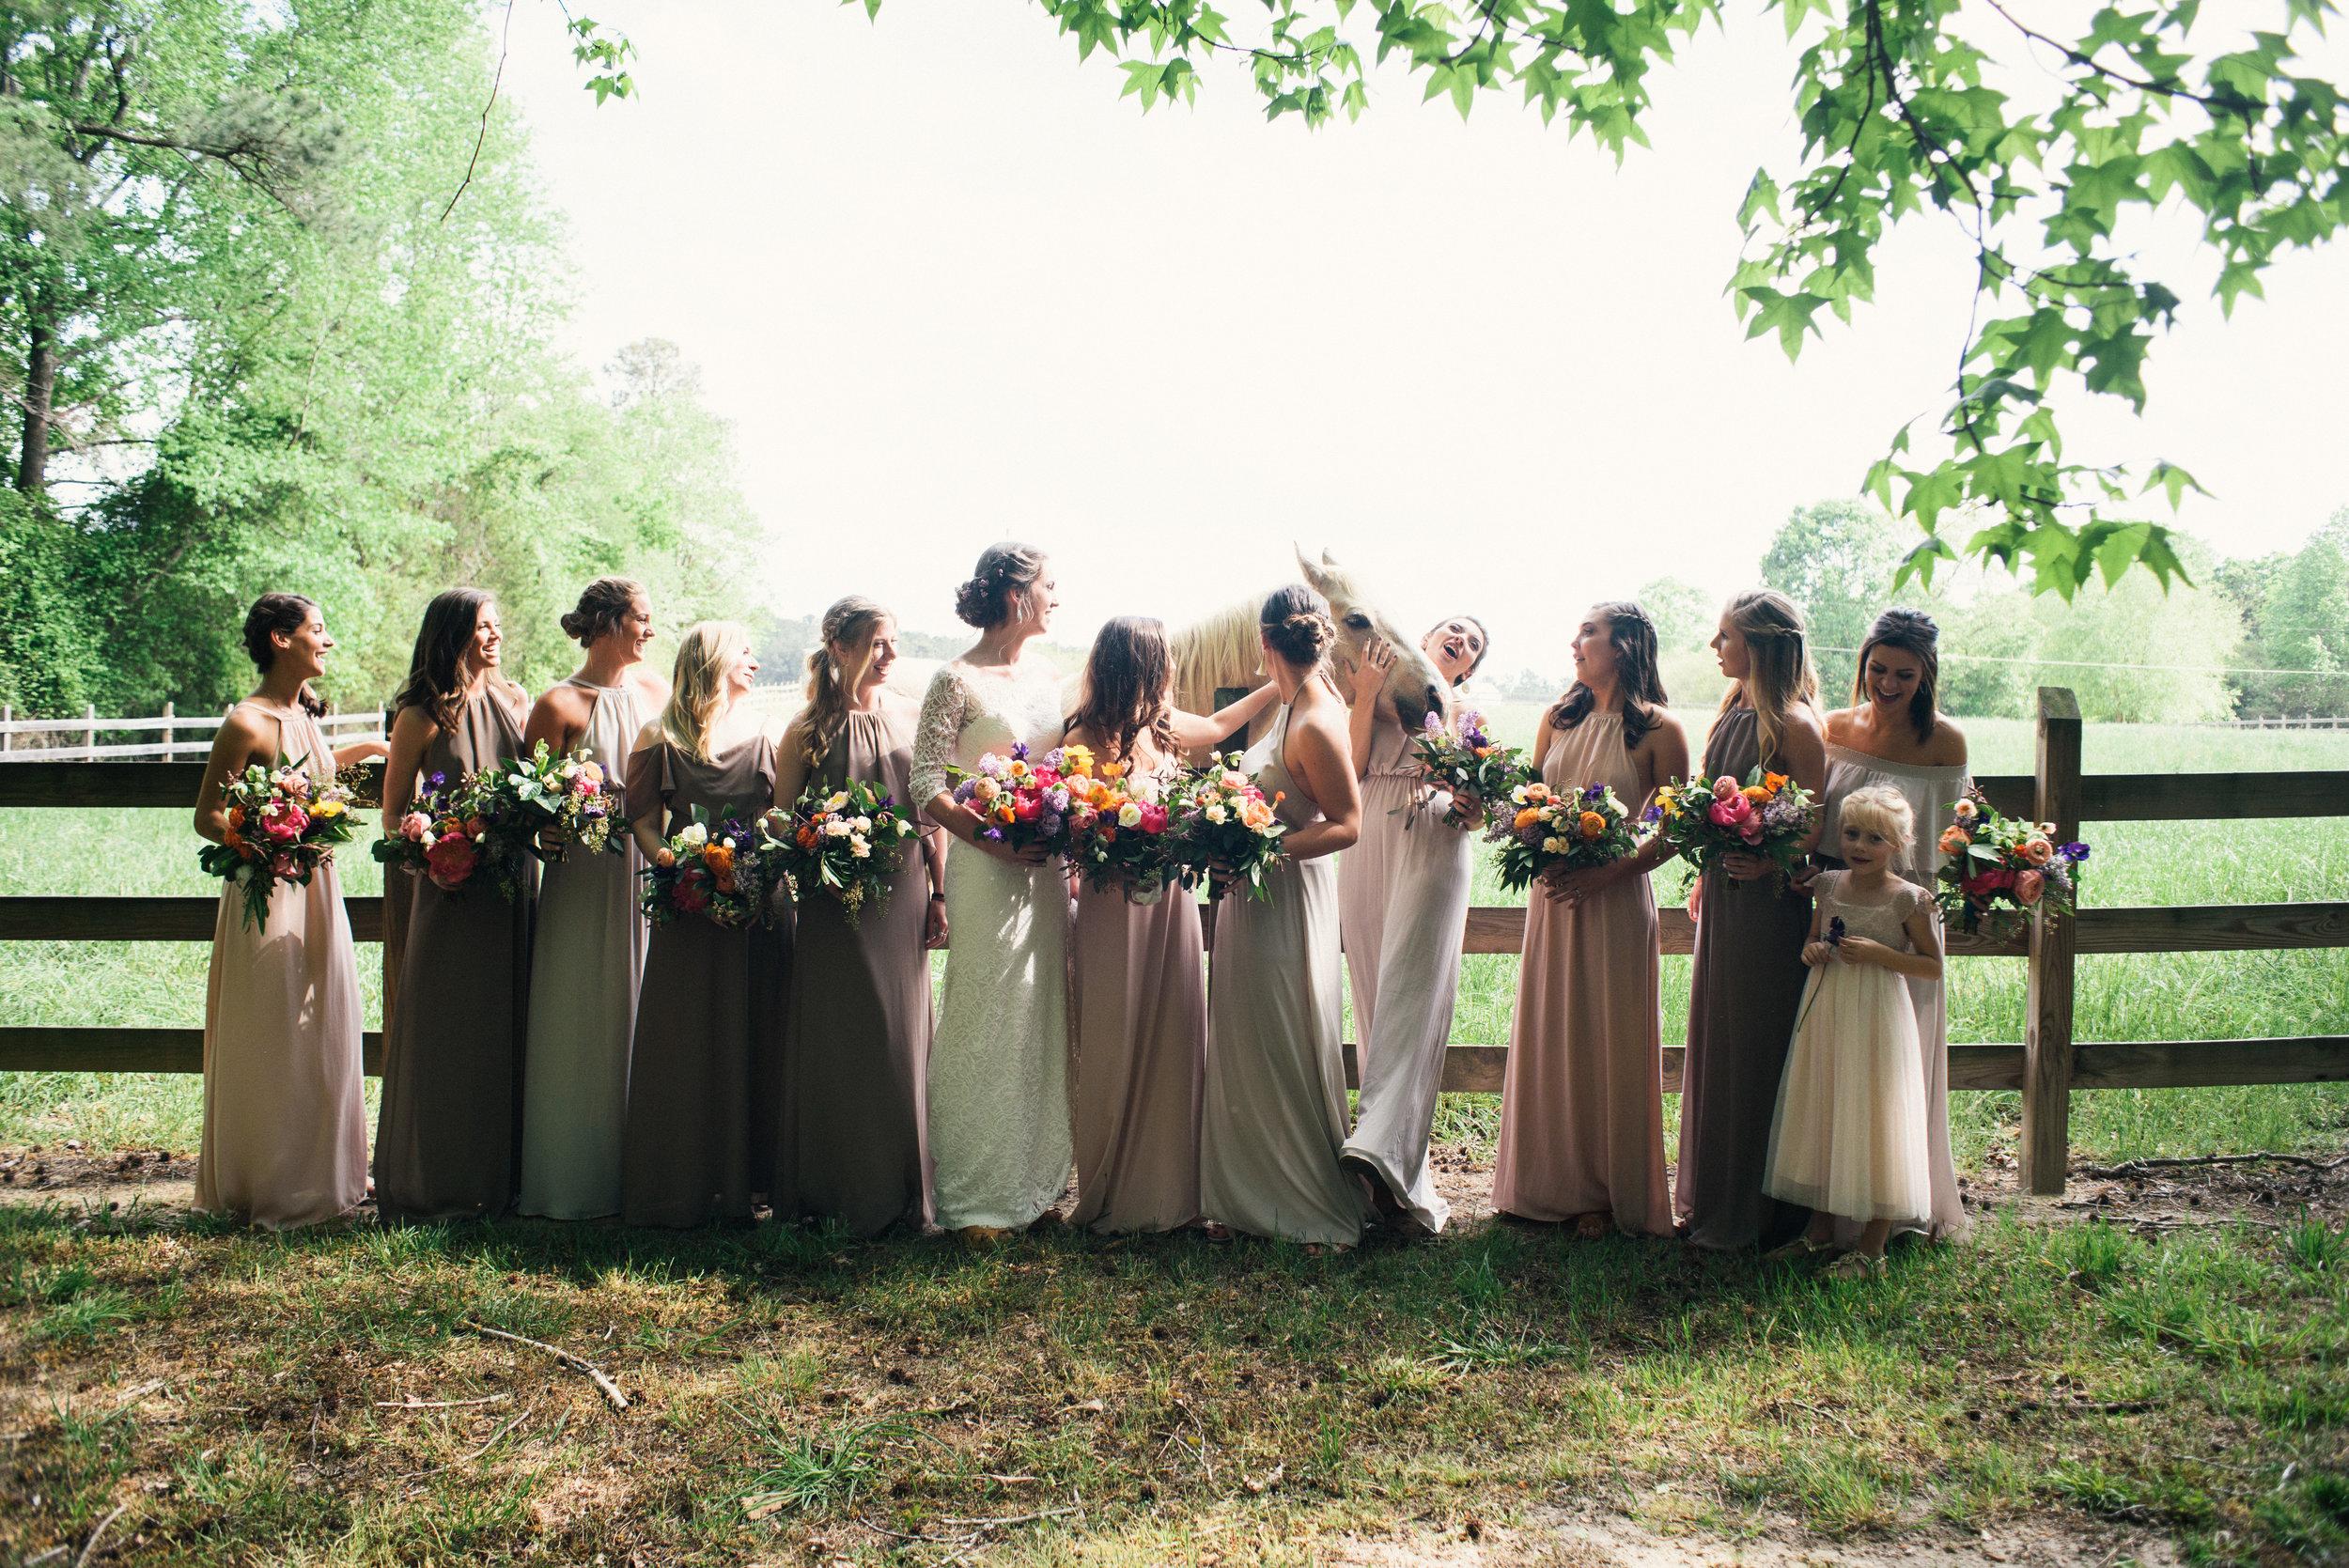 raleigh-elopement-photographer-raleigh-durham-wedding-maddie-and-devin- (53 of 162).jpg